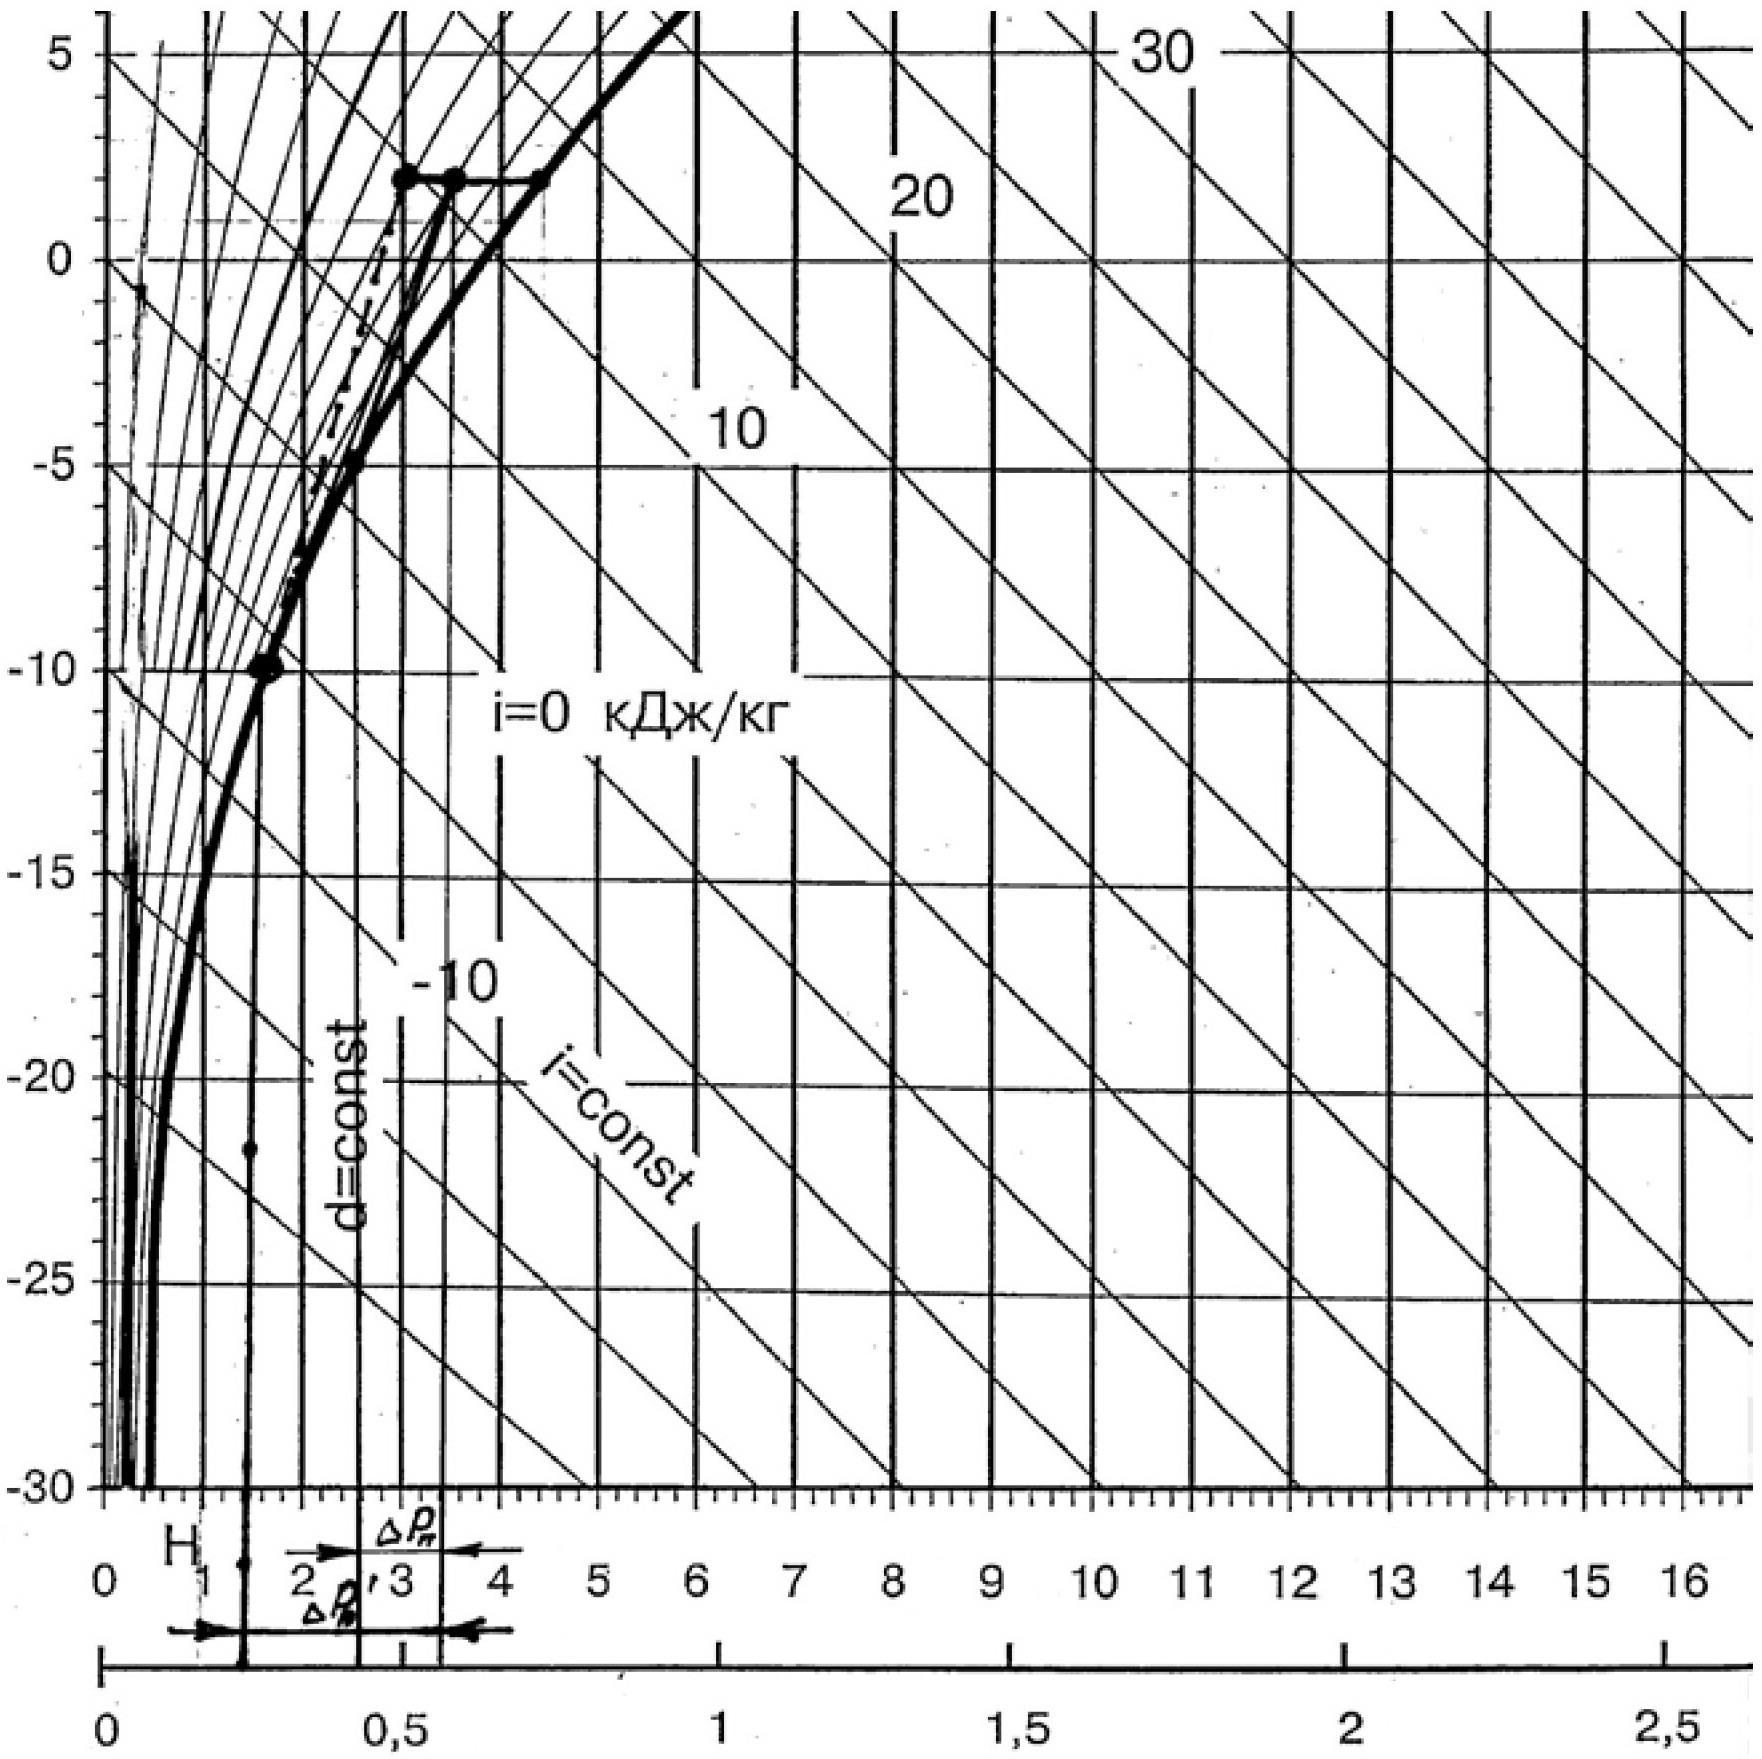 Рис. 1. Процесс обработки воздуха в і-d диаграмме влажного воздуха у поверхности приборов охлаждения